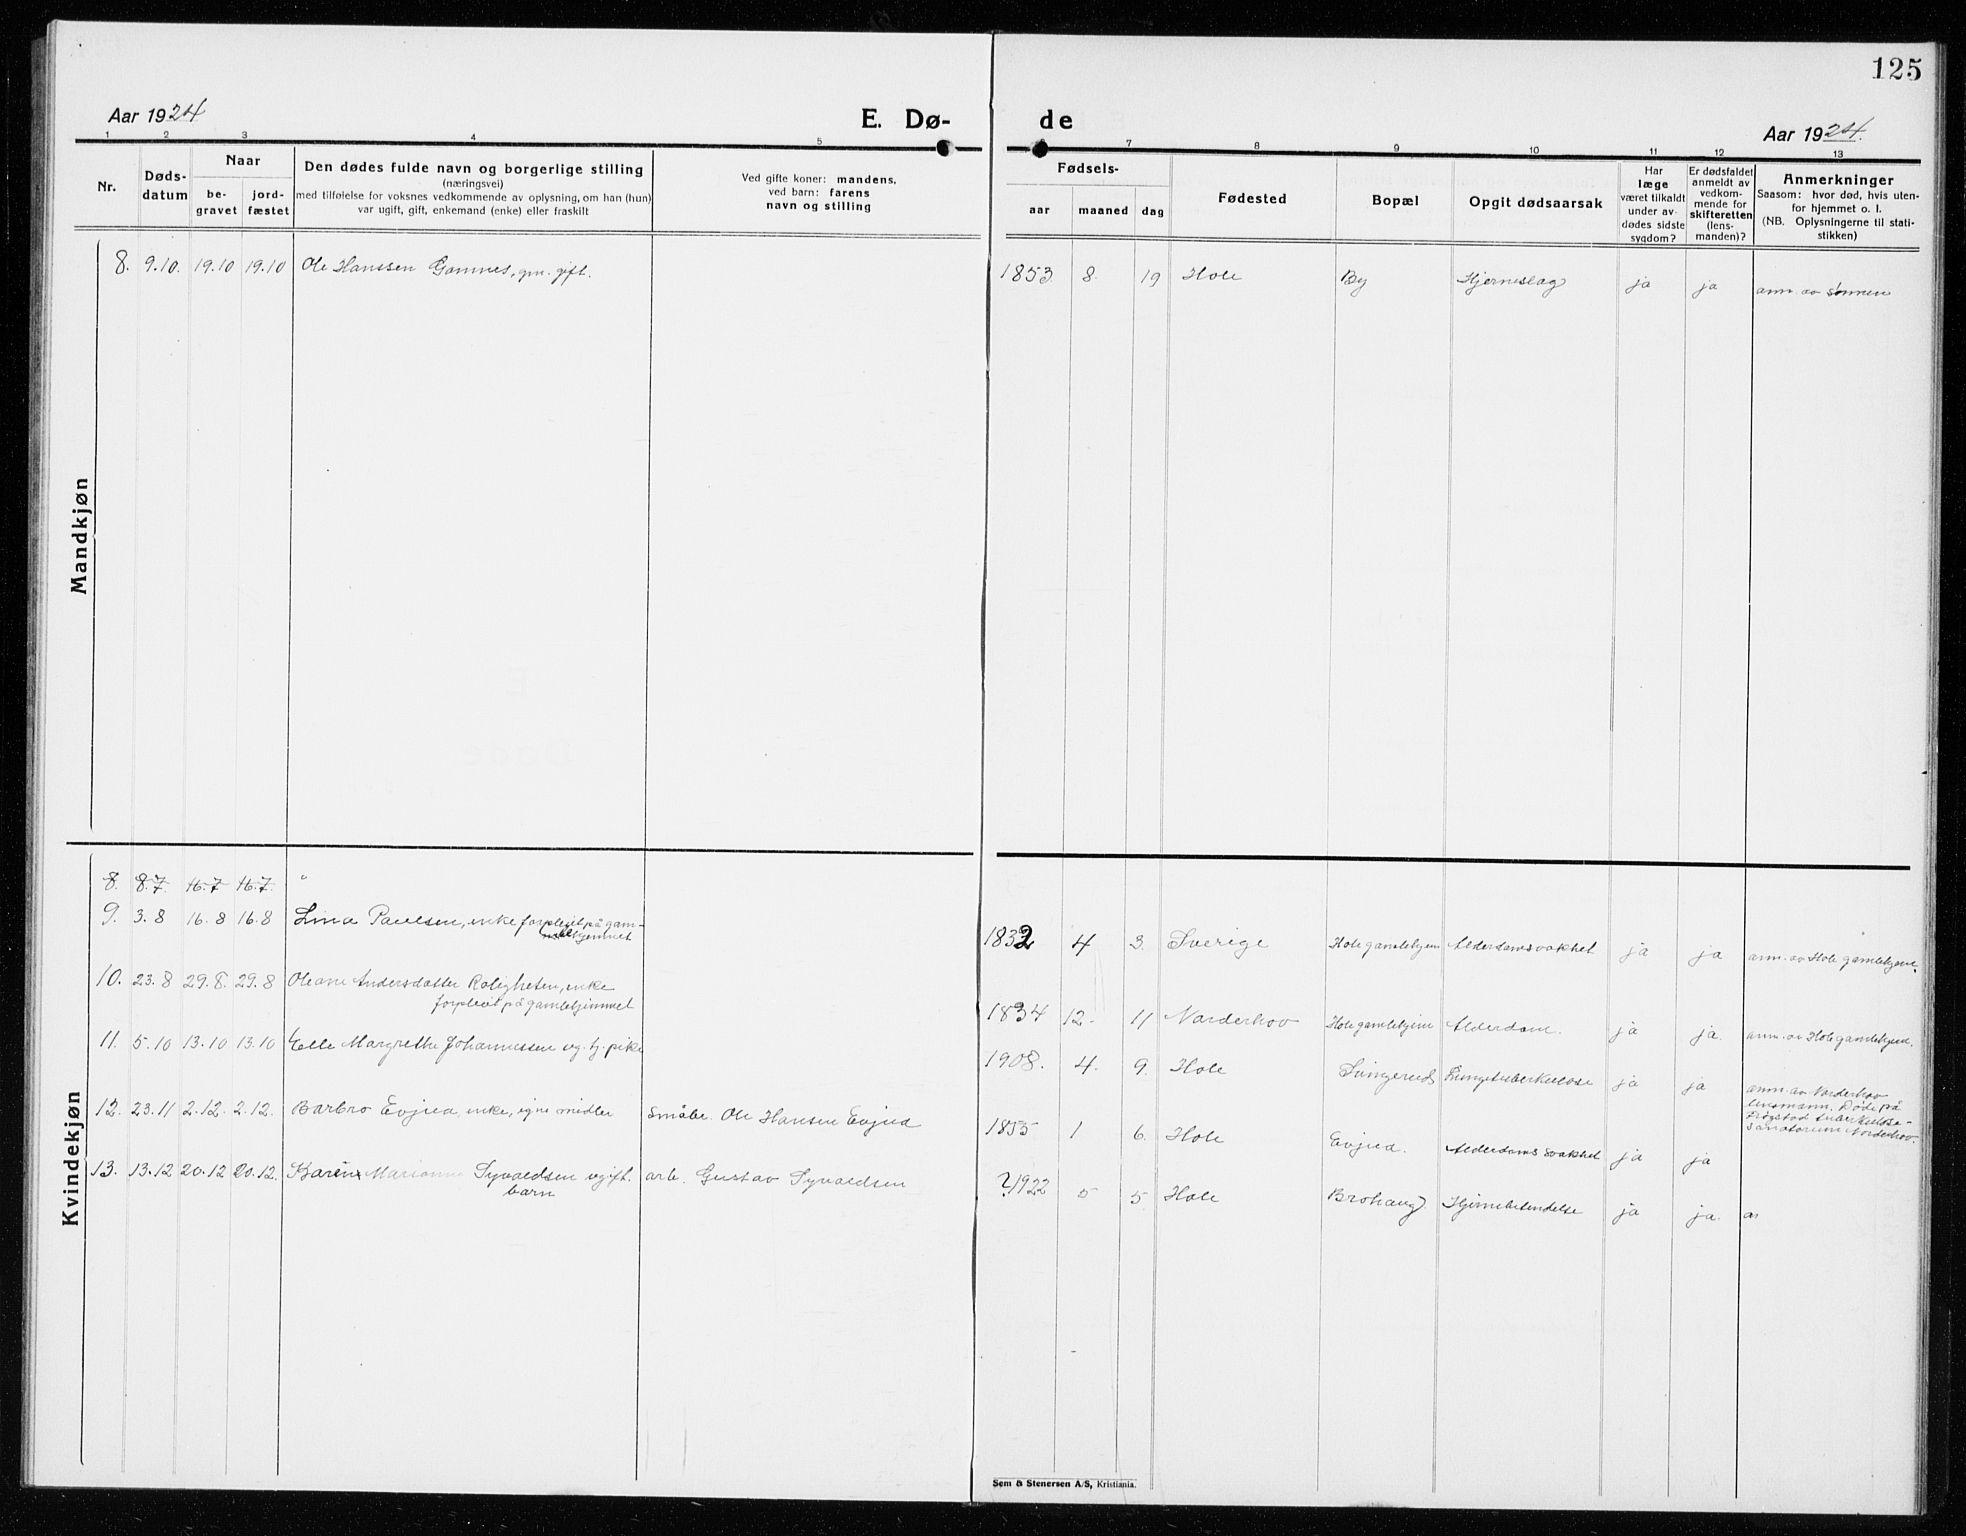 SAKO, Hole kirkebøker, G/Ga/L0005: Klokkerbok nr. I 5, 1924-1938, s. 125